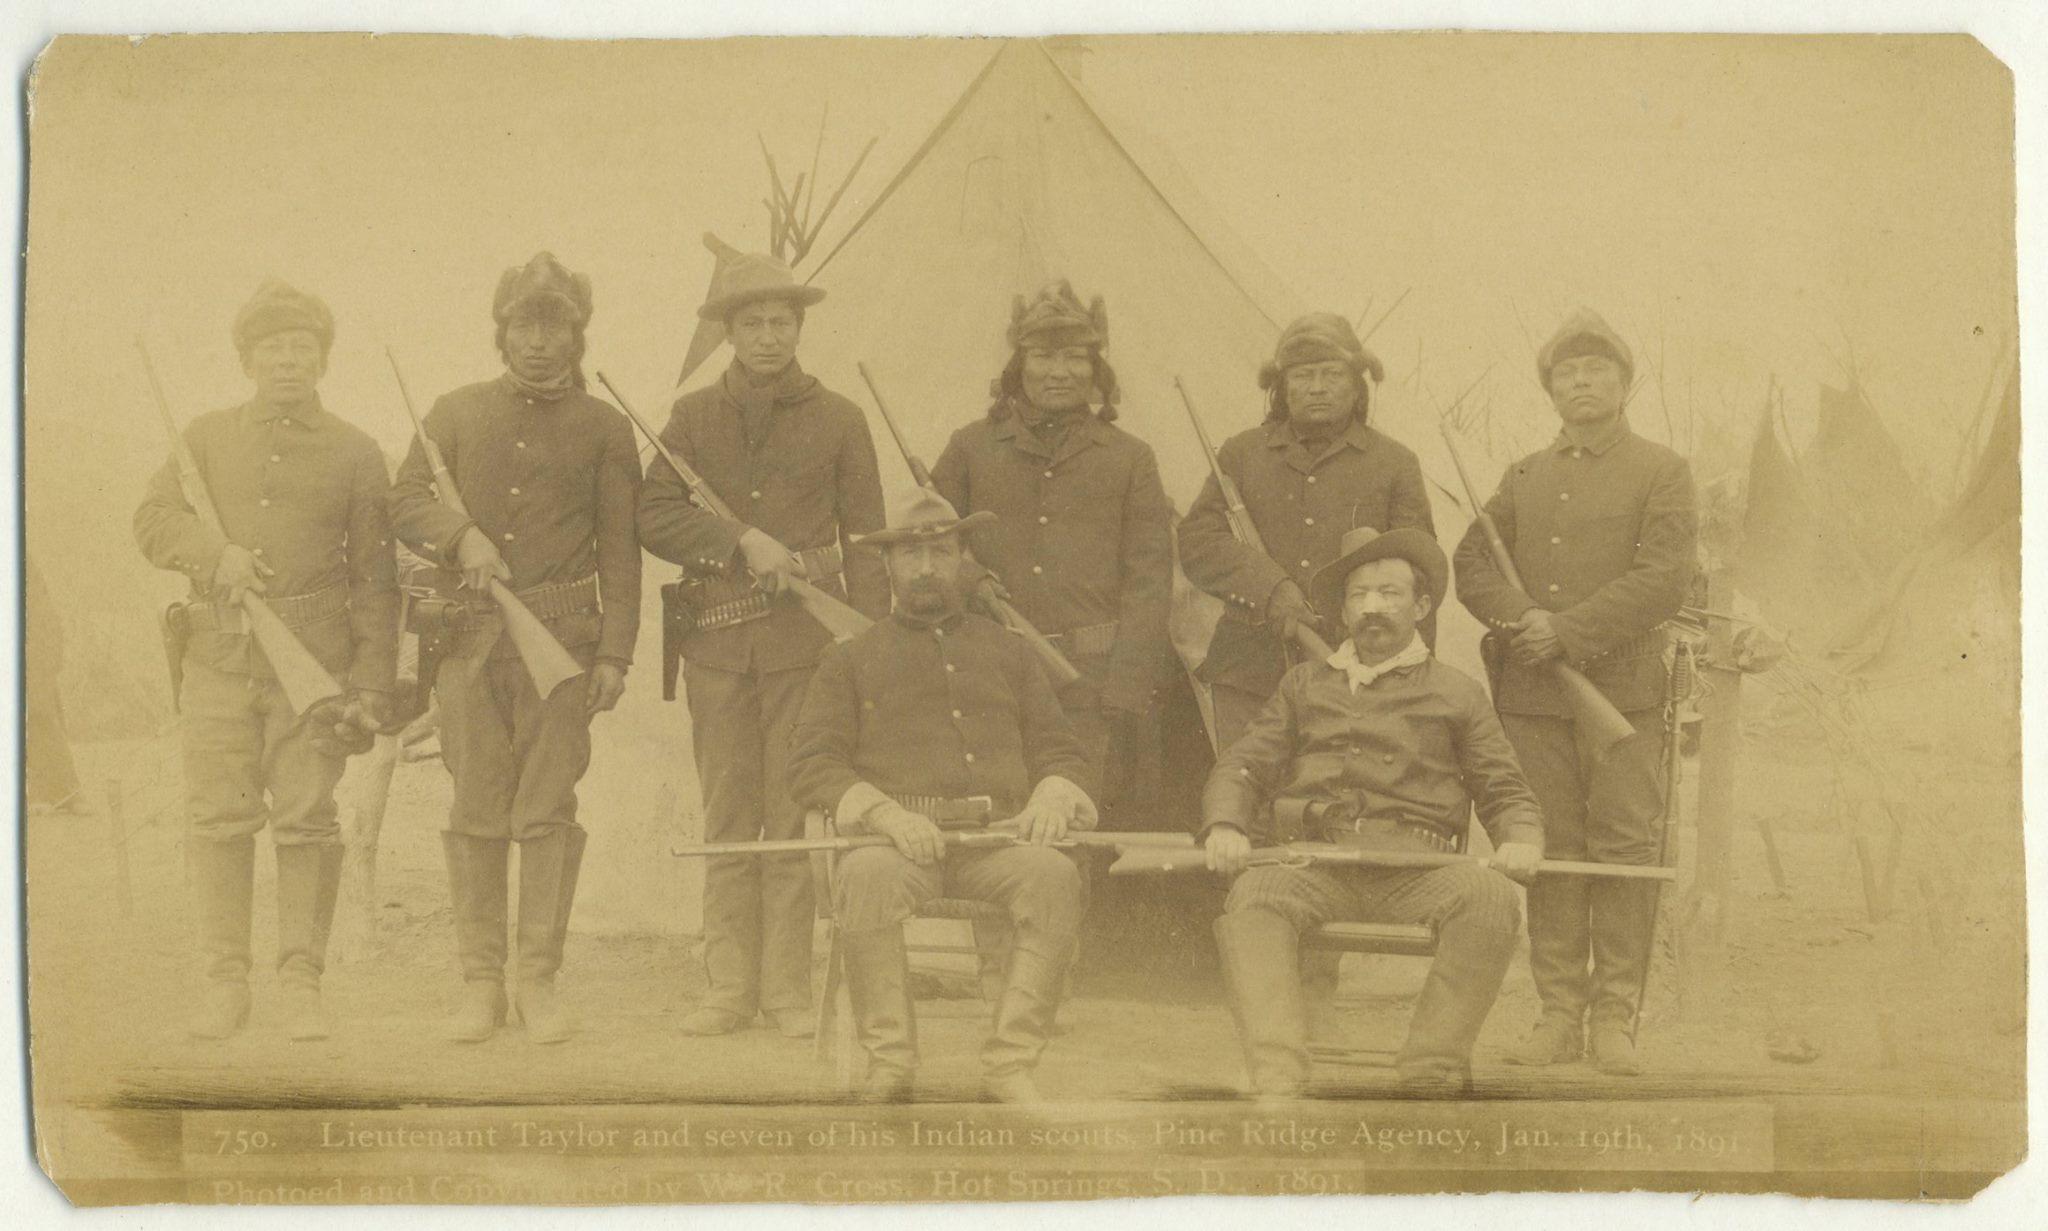 http://www.american-tribes.com/messageboards/dietmar/taylorsscouts1890.jpg